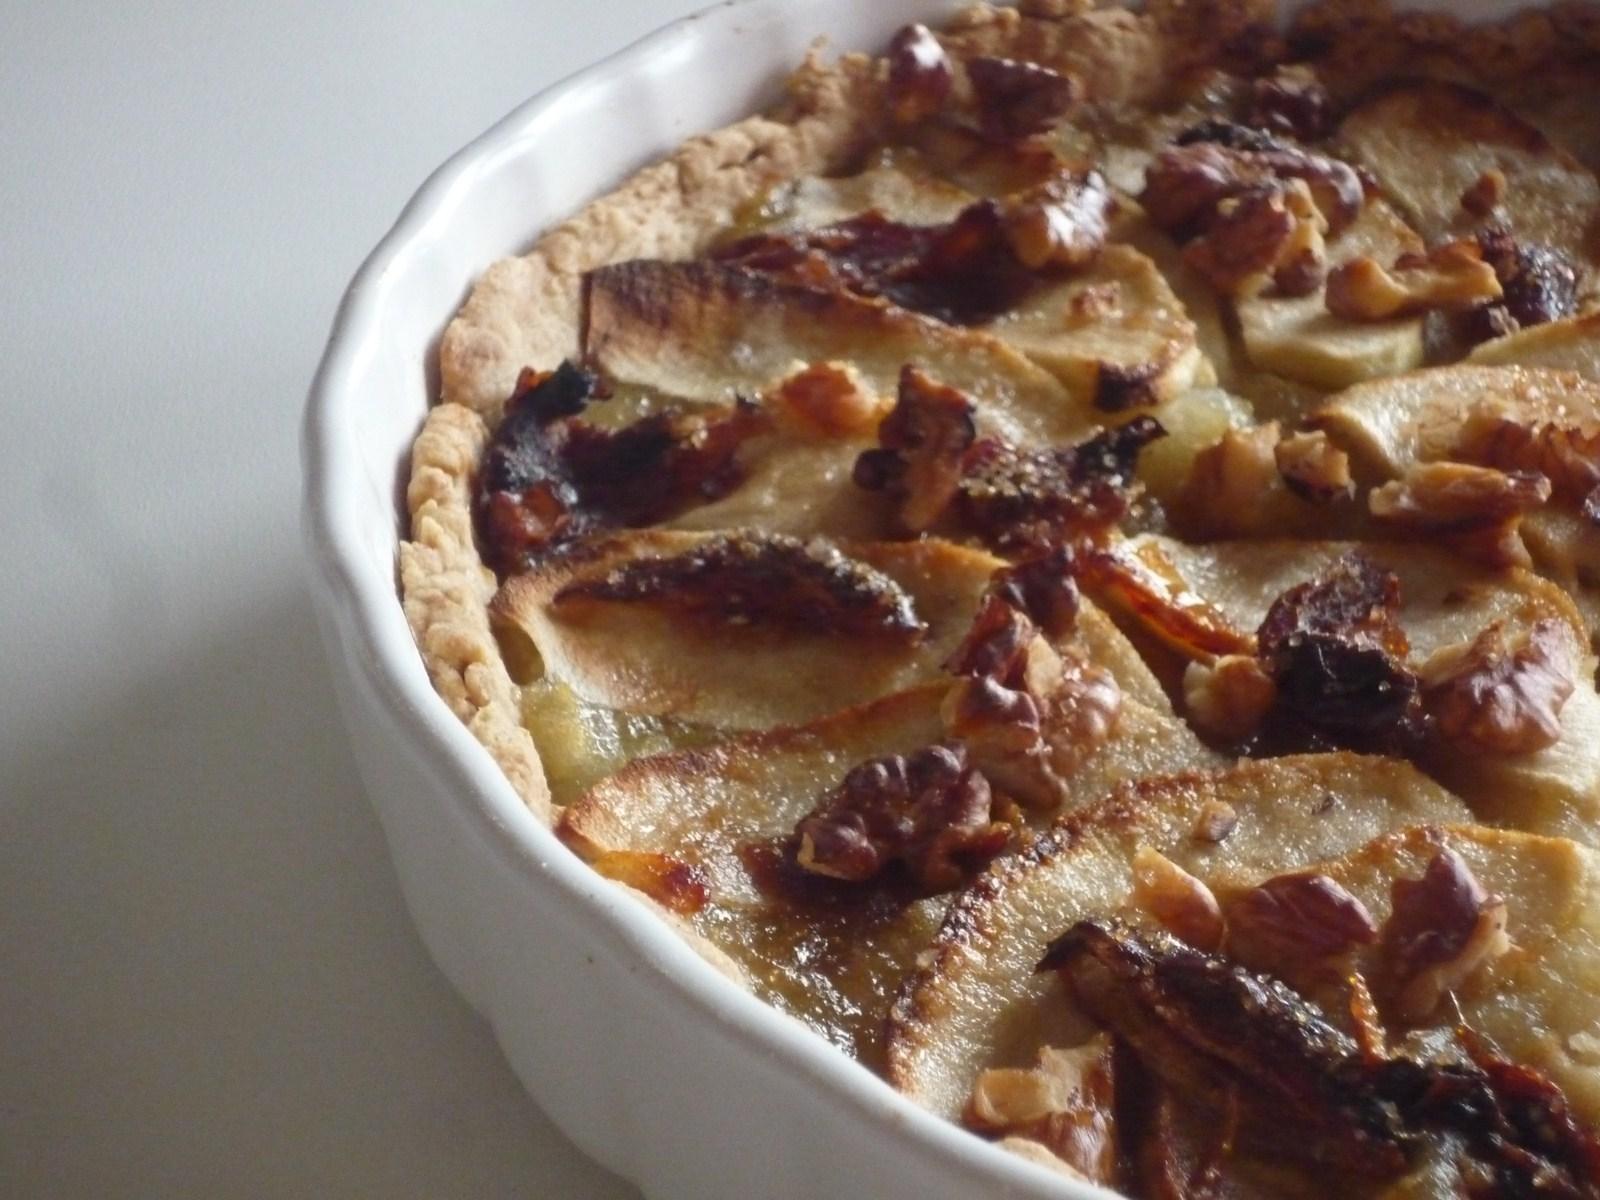 tarte sant 233 pommes dattes et noix jnane sirine